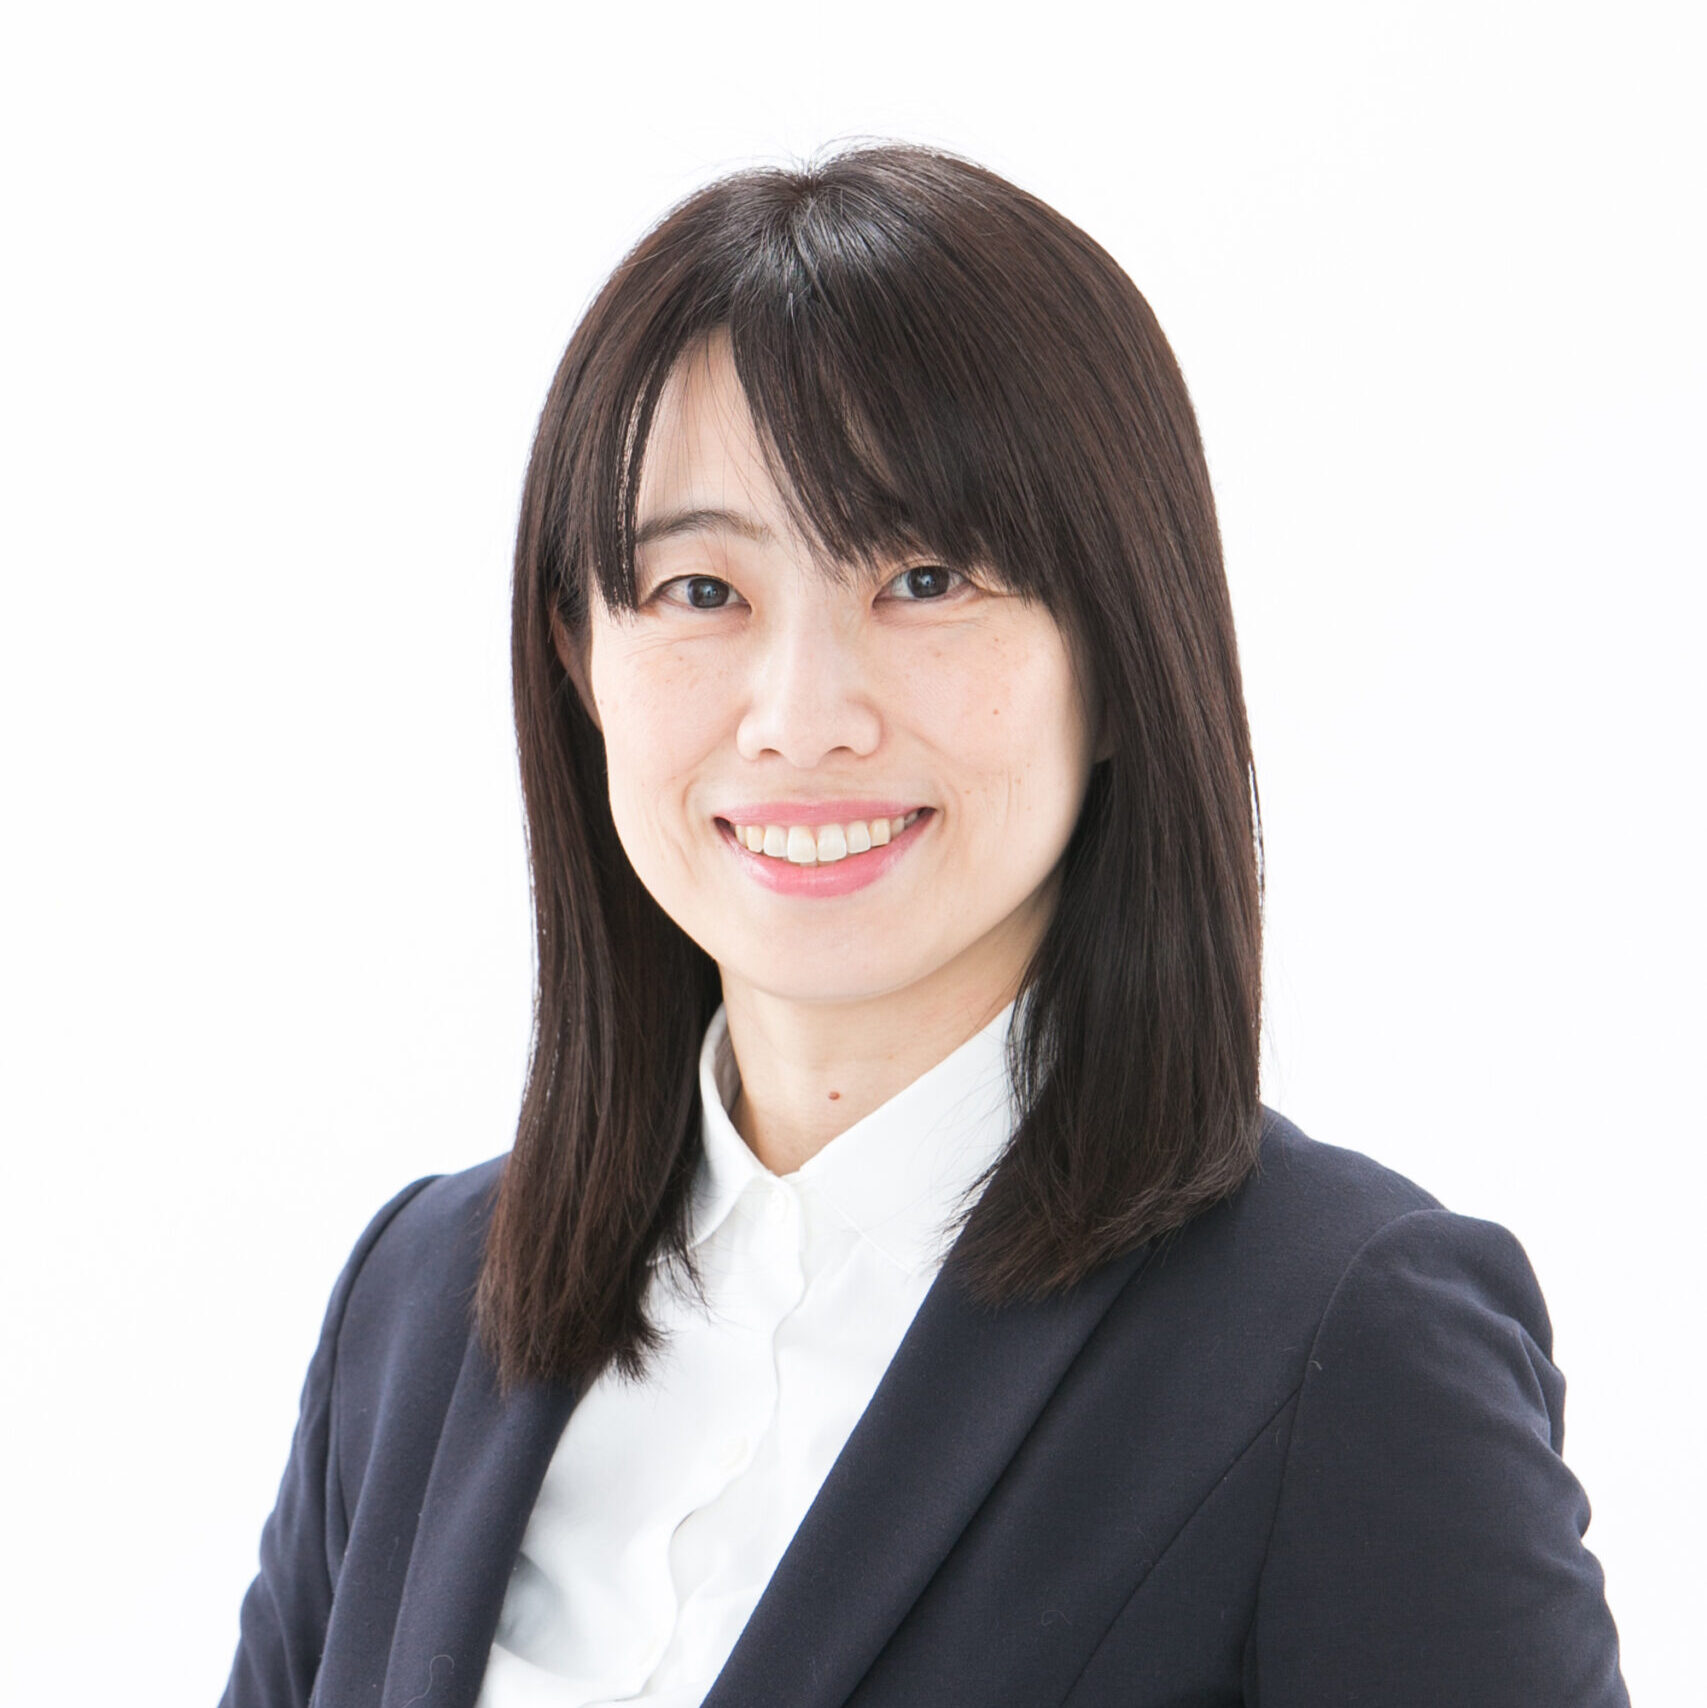 齊藤 直子